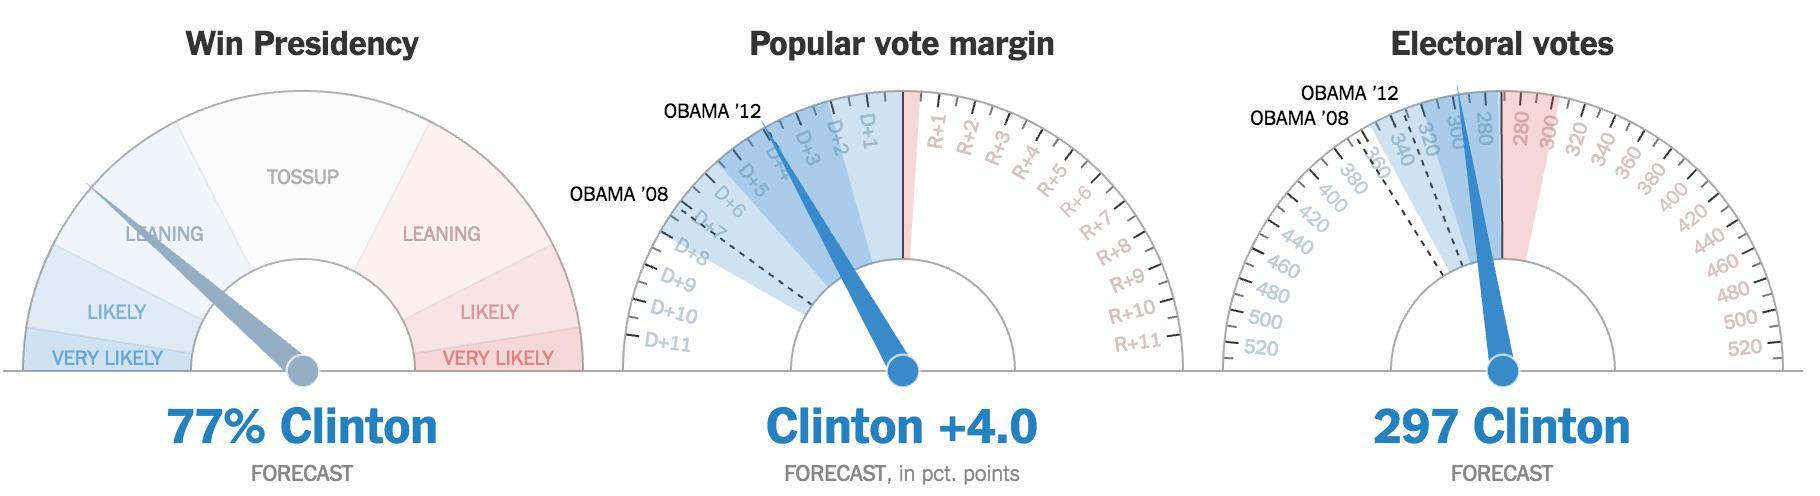 Las posibilidades de Clinton de ganar están bajando peligrosamente a medida que la noche avanza, sobre todo por Florida.